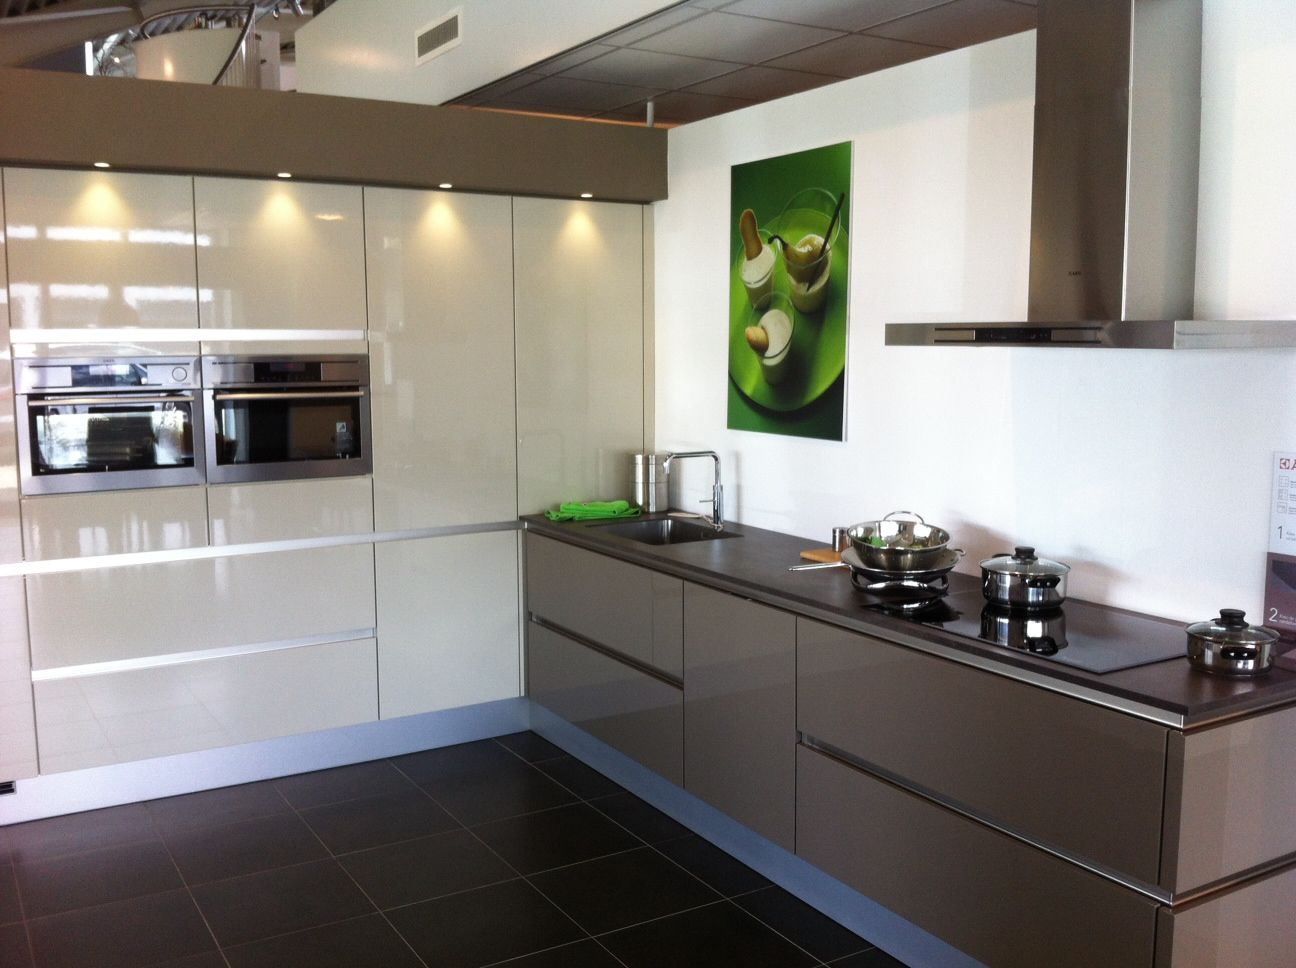 De voordeligste woonwinkel van nederland keller gl7100 hoogglans fango - Meubels keuken beneden cm ...